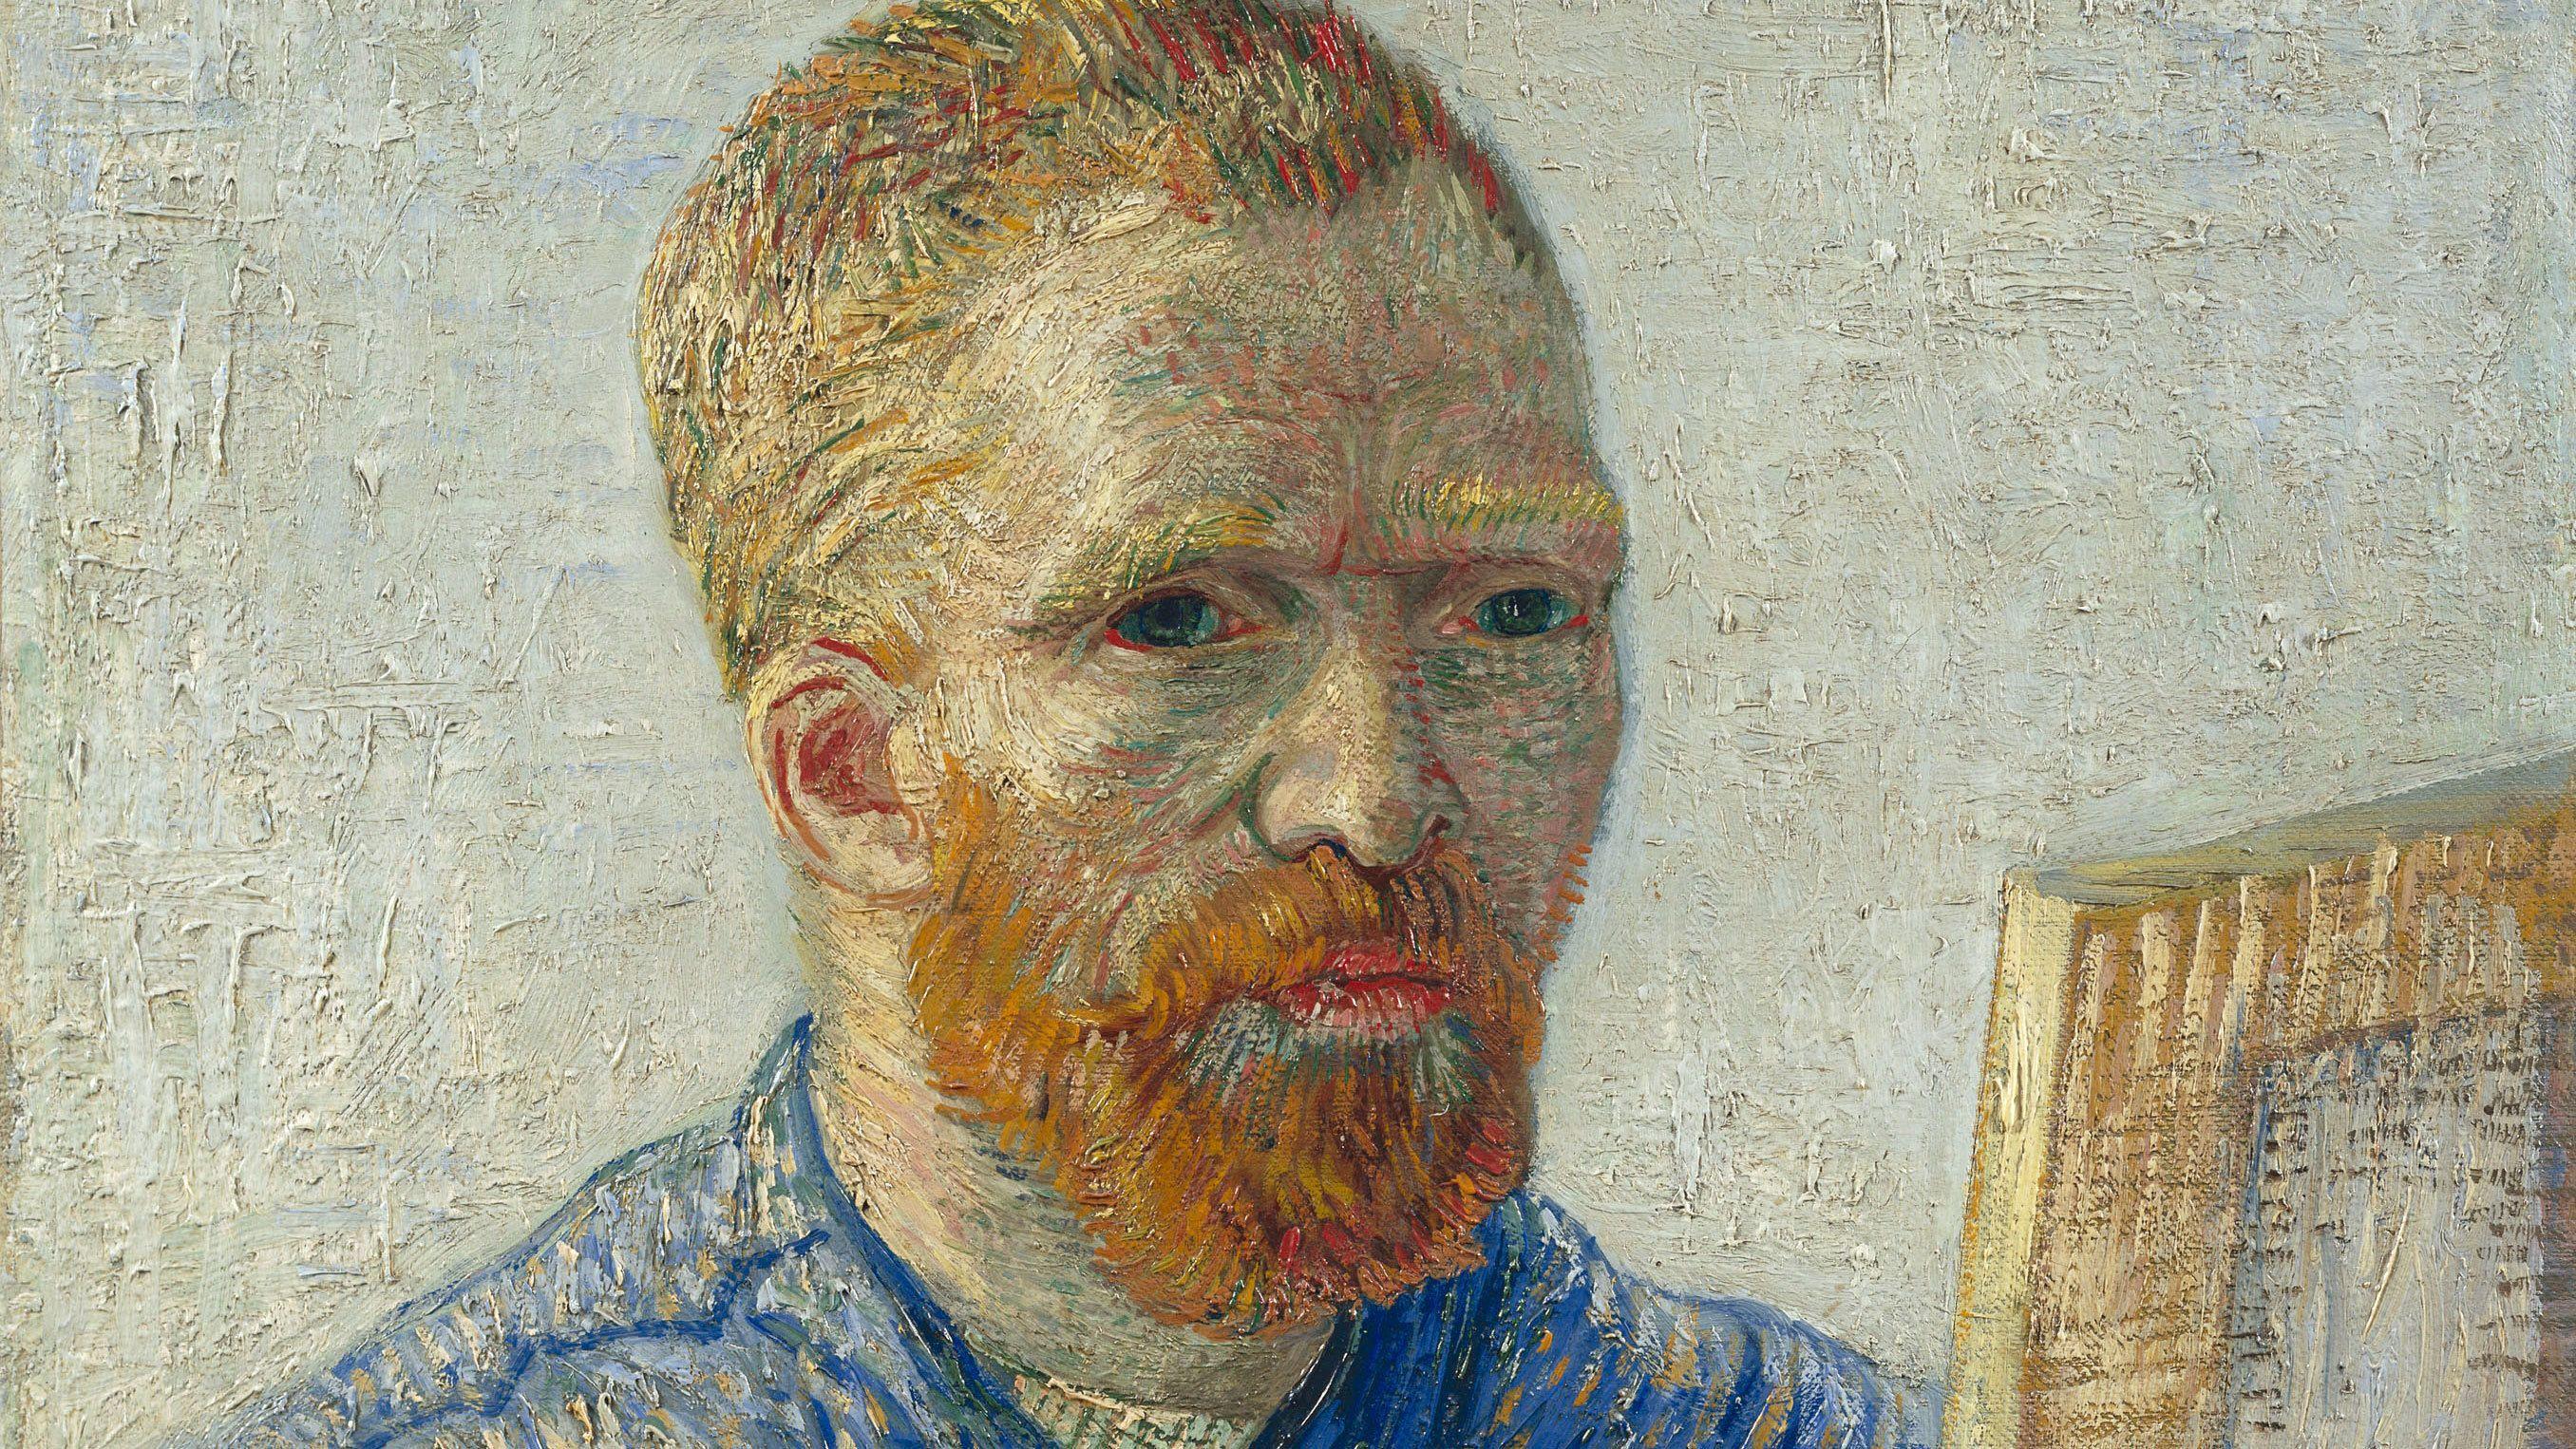 Van gogh painting in amsterdam